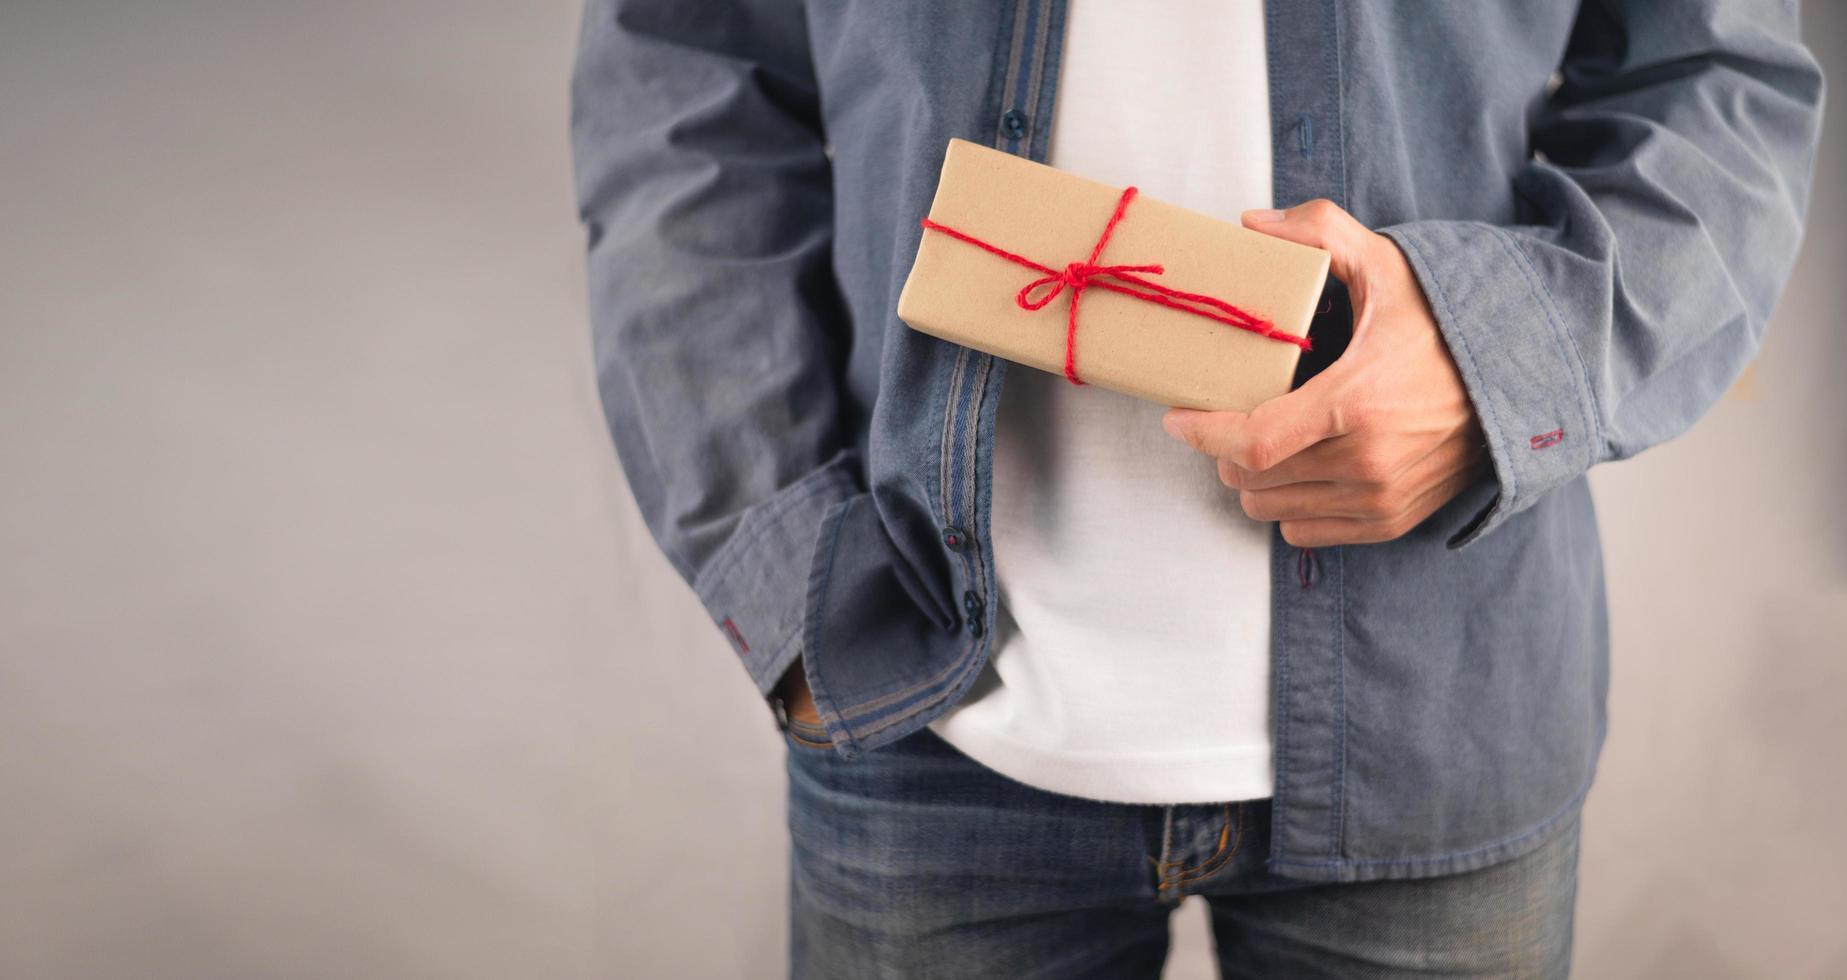 persone in possesso di confezione regalo, confezione regalo di Capodanno, confezione regalo di Natale, copia spazio. natale, anno hew, concetto di compleanno. foto